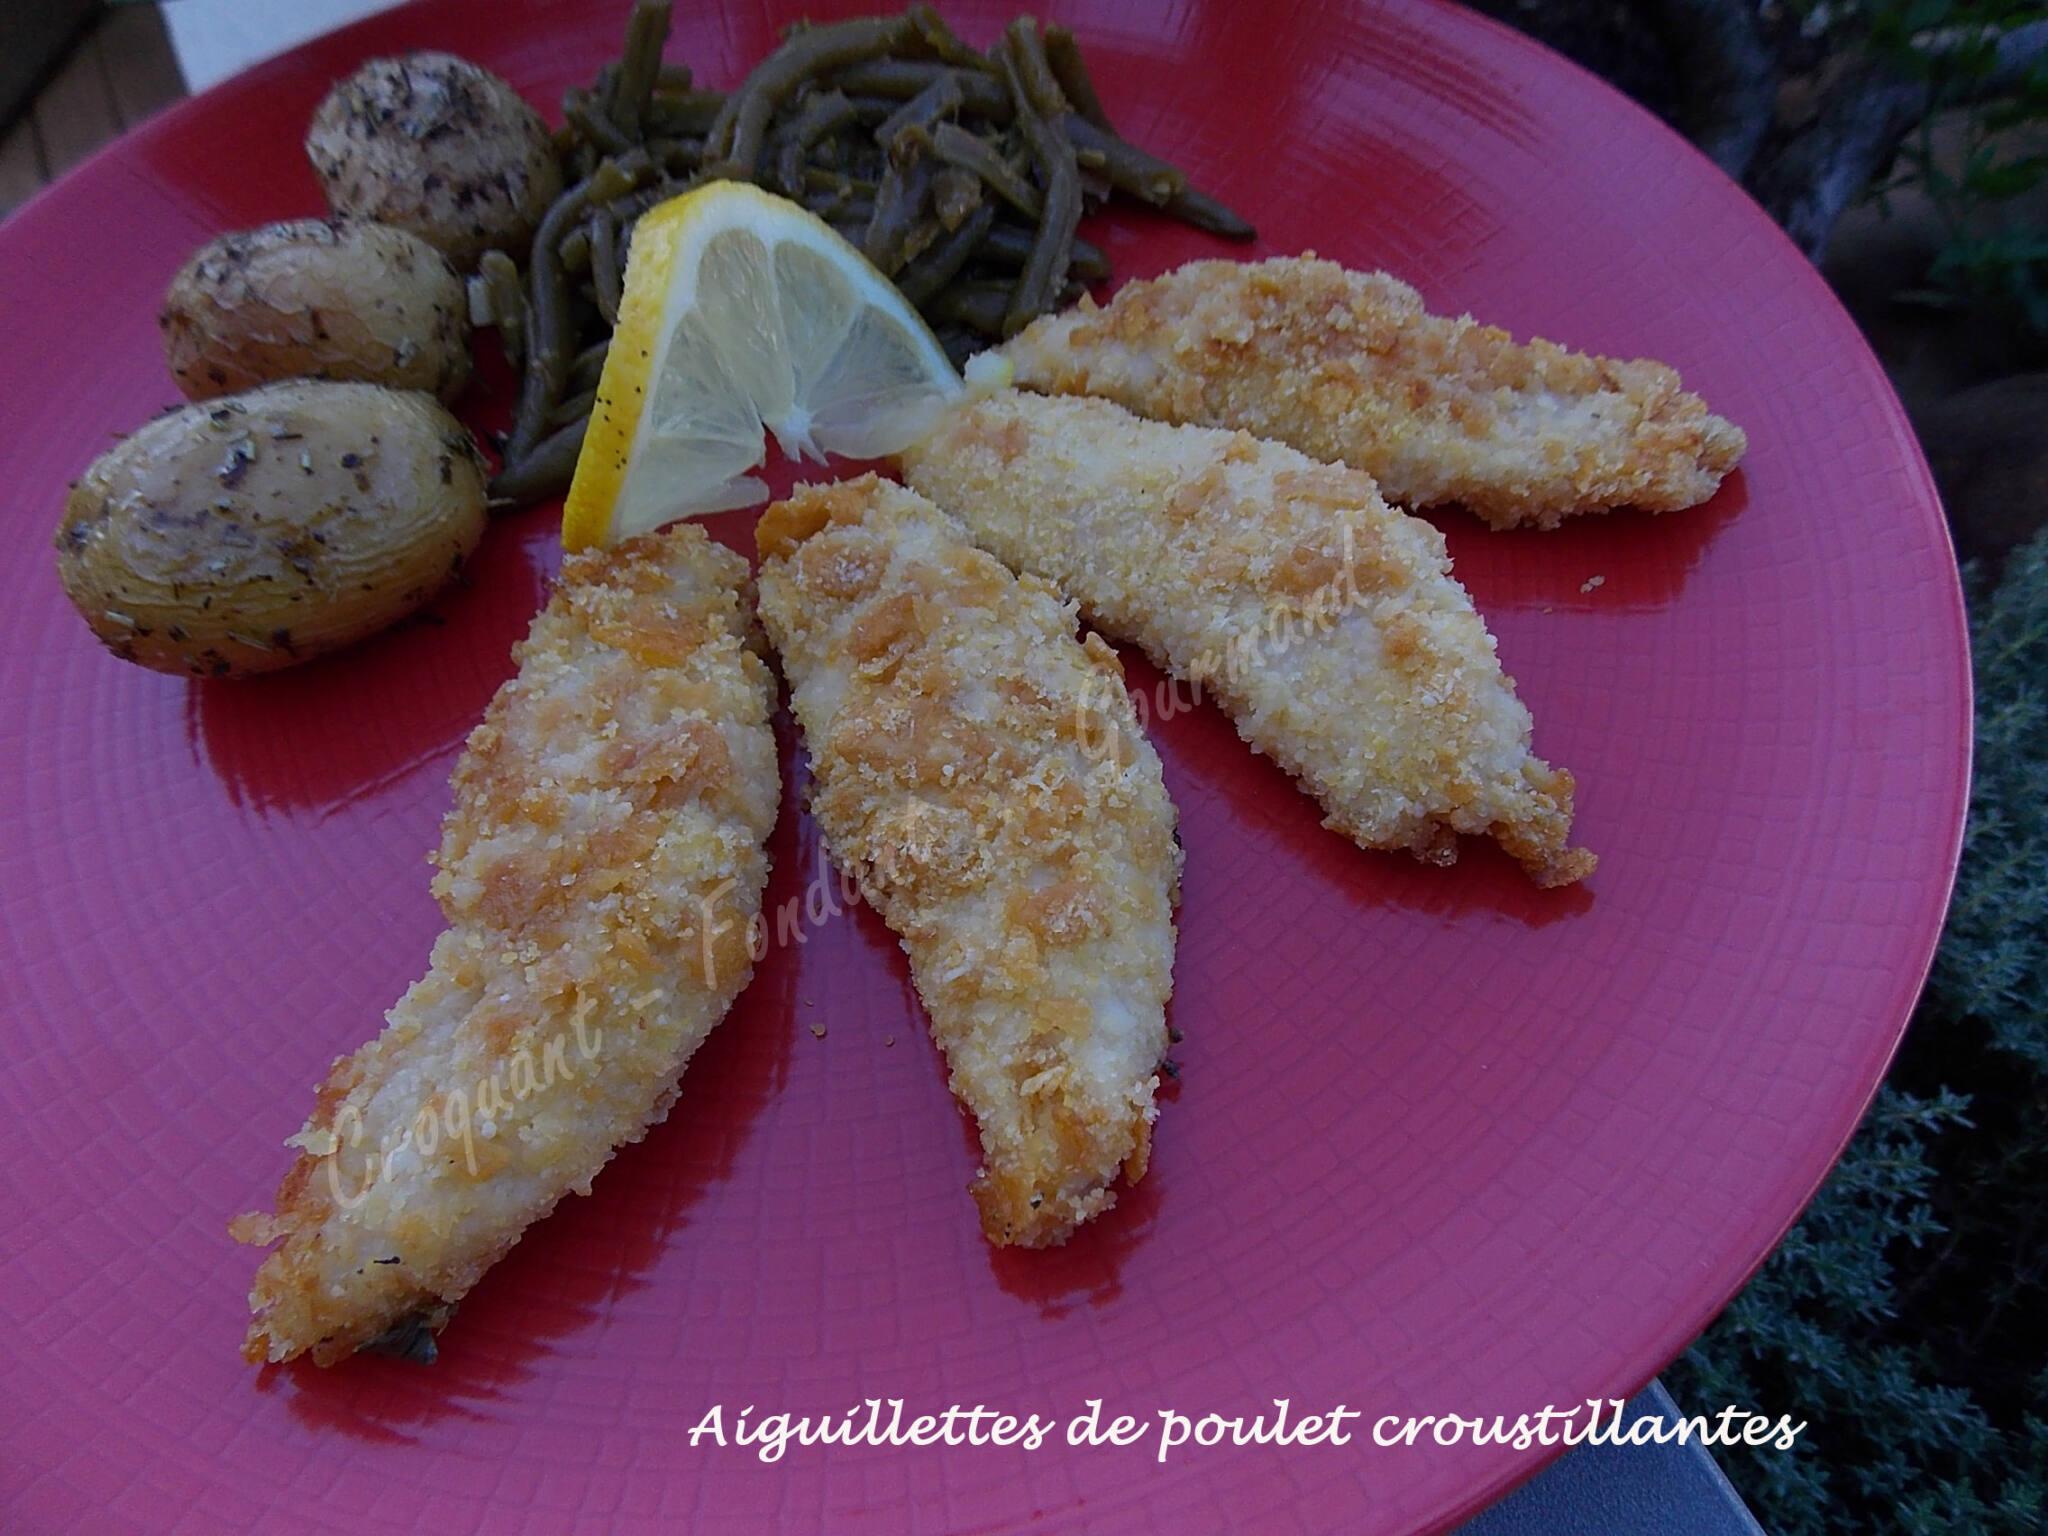 Aiguillettes de poulet croustillantes DSCN6014